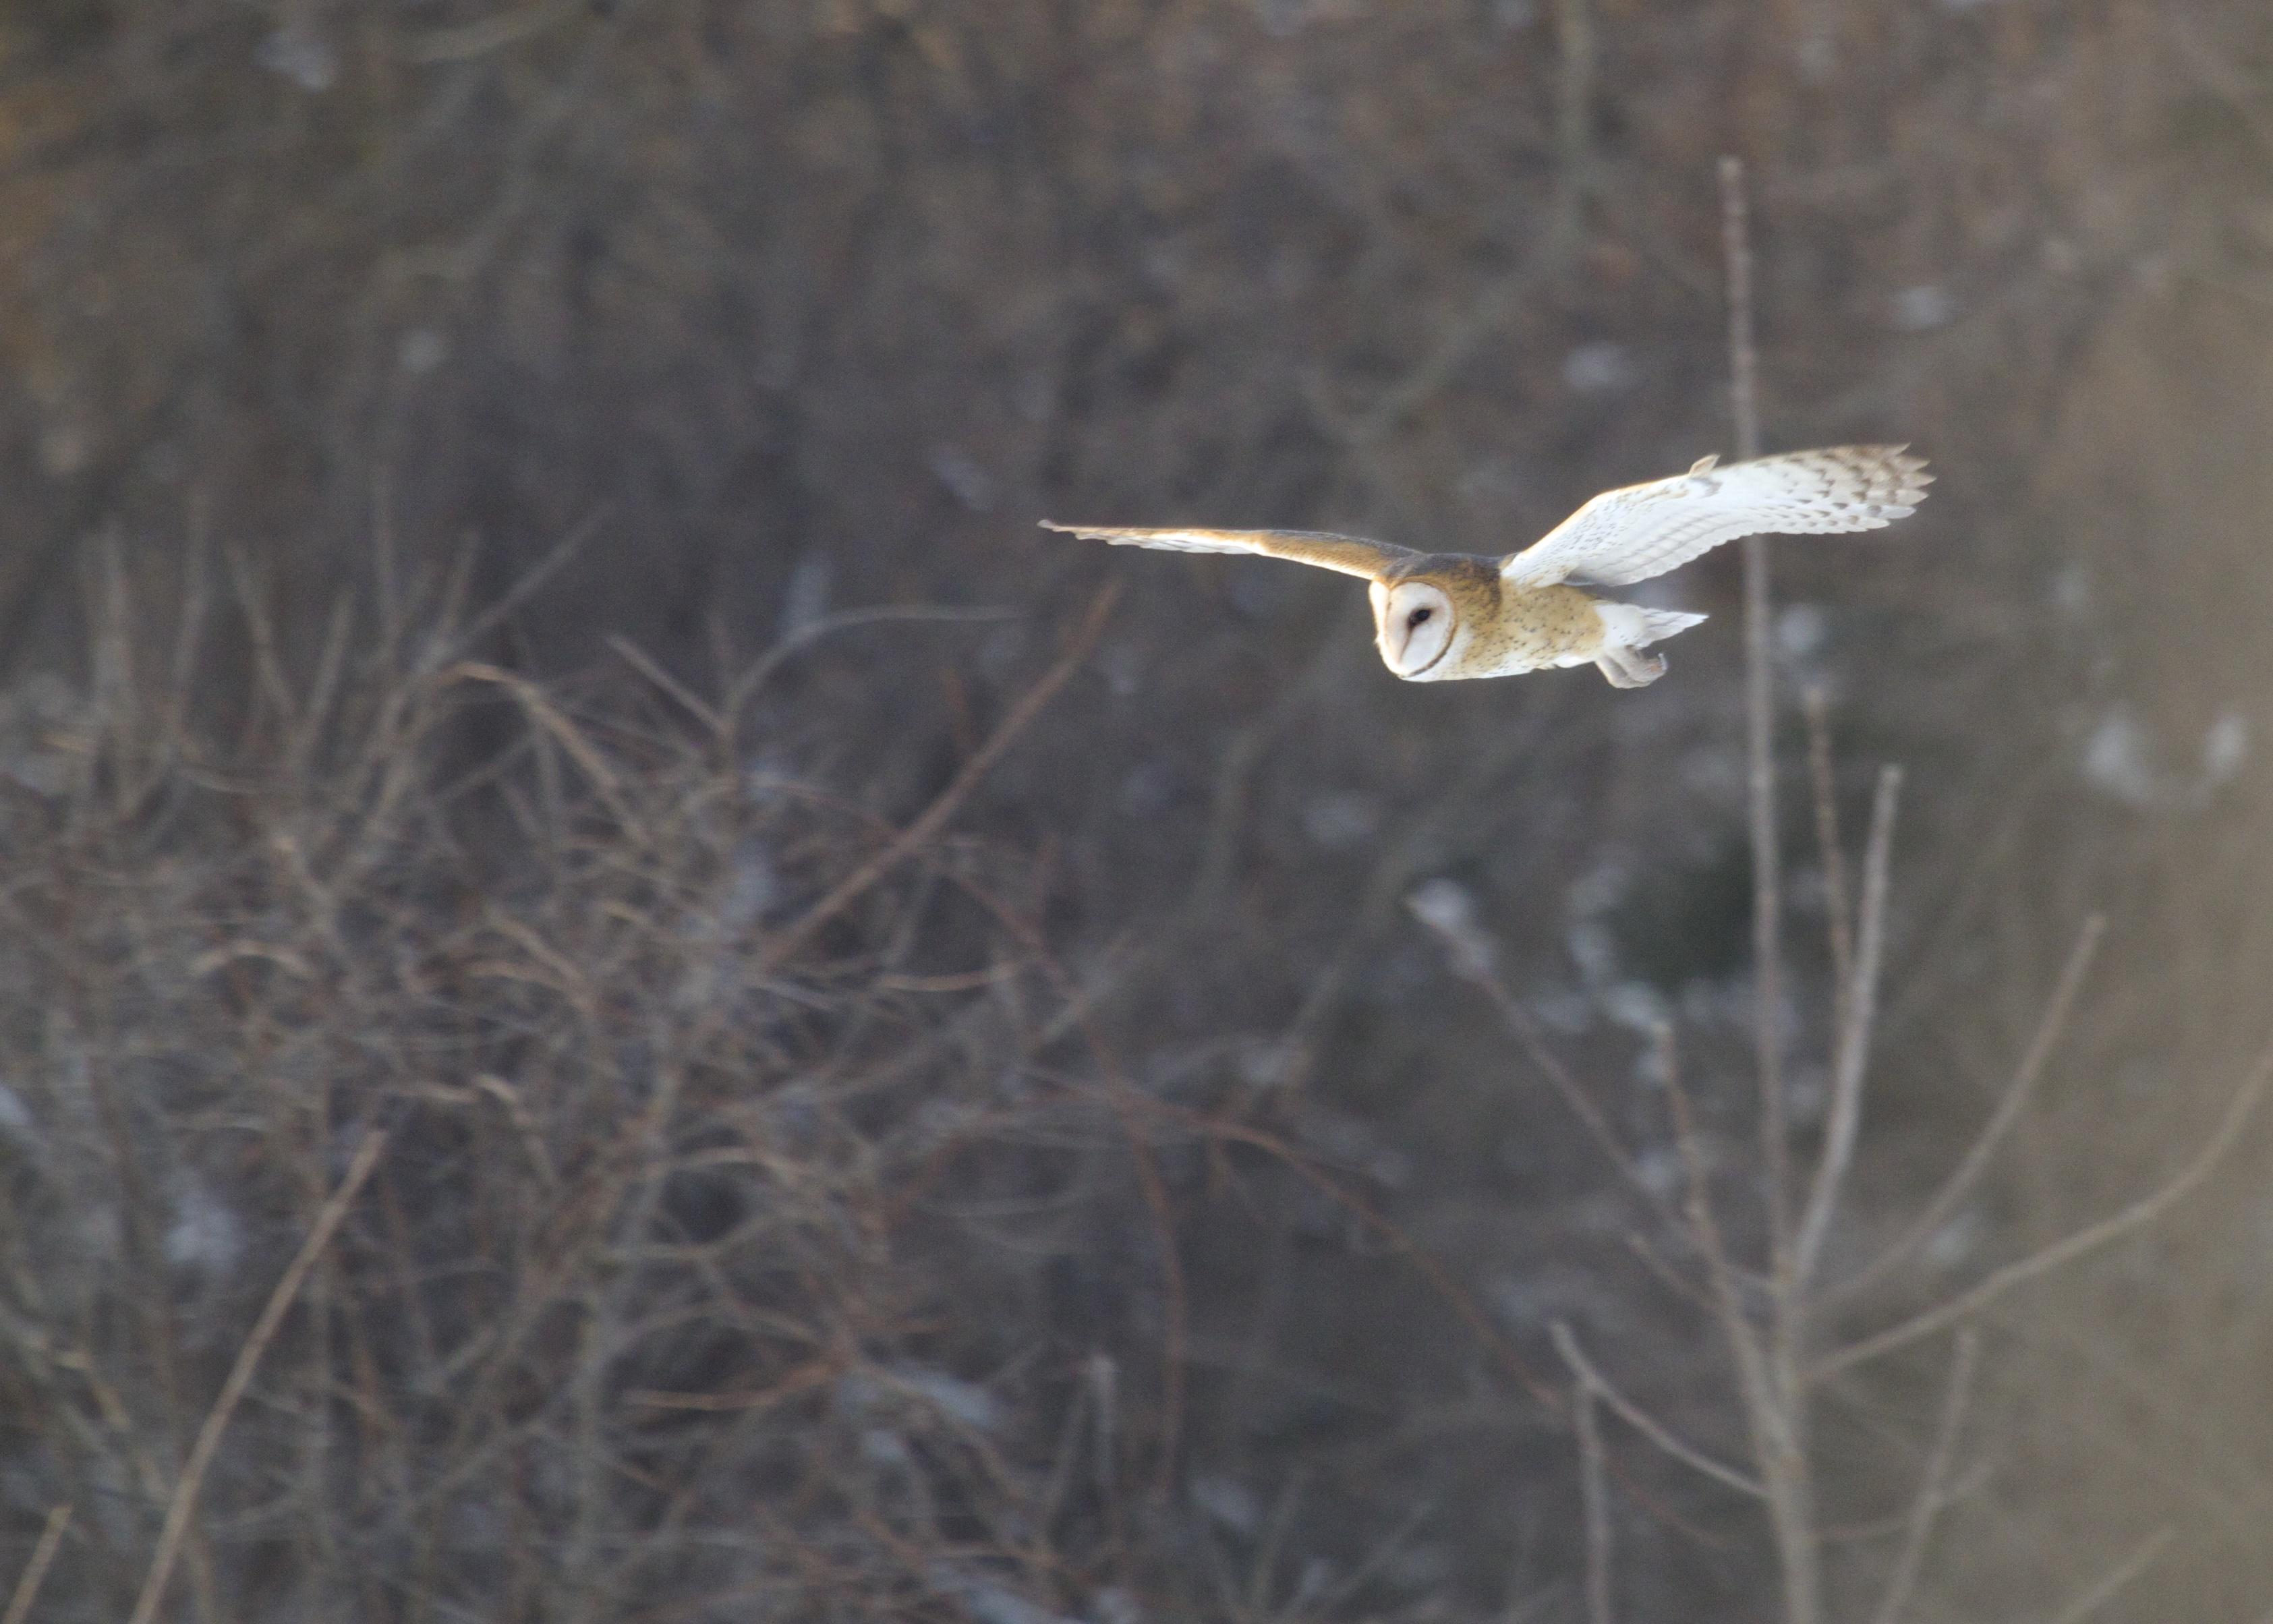 Barn Owl in flight, Orange County NY, 2/14/14.